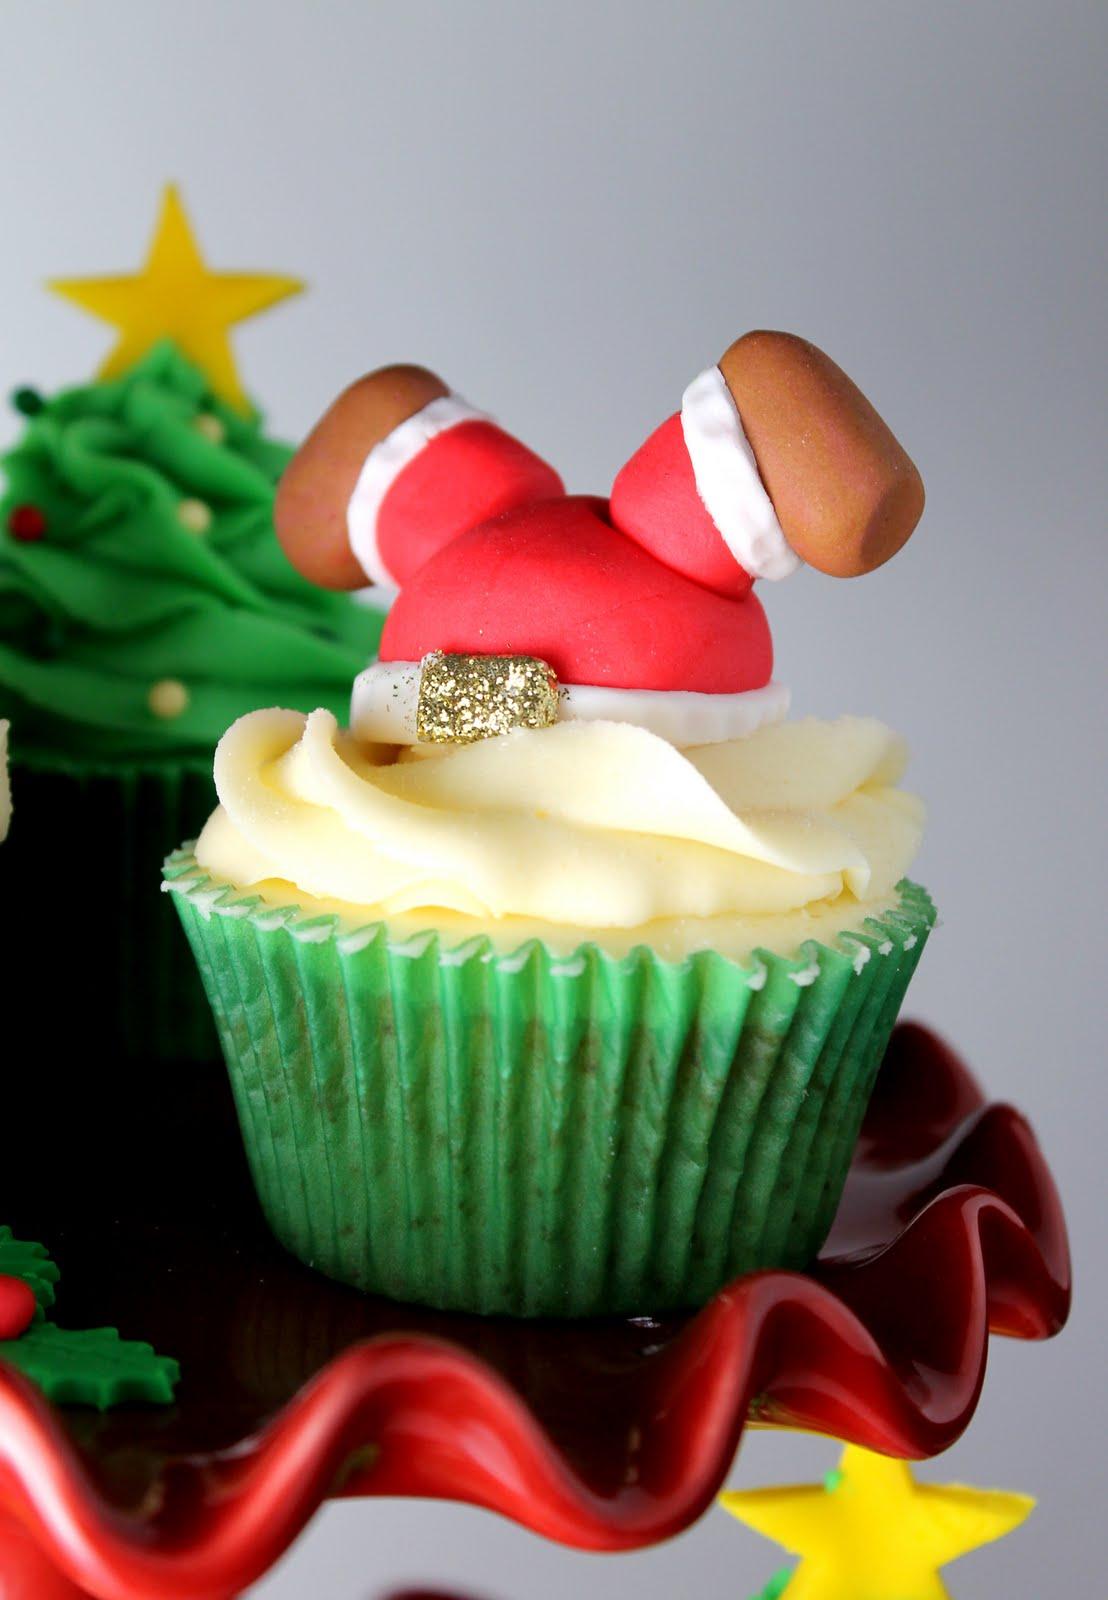 Objetivo cupcake perfecto ha llegado la navidad al blog - Objetivo cupcake perfecto blog ...